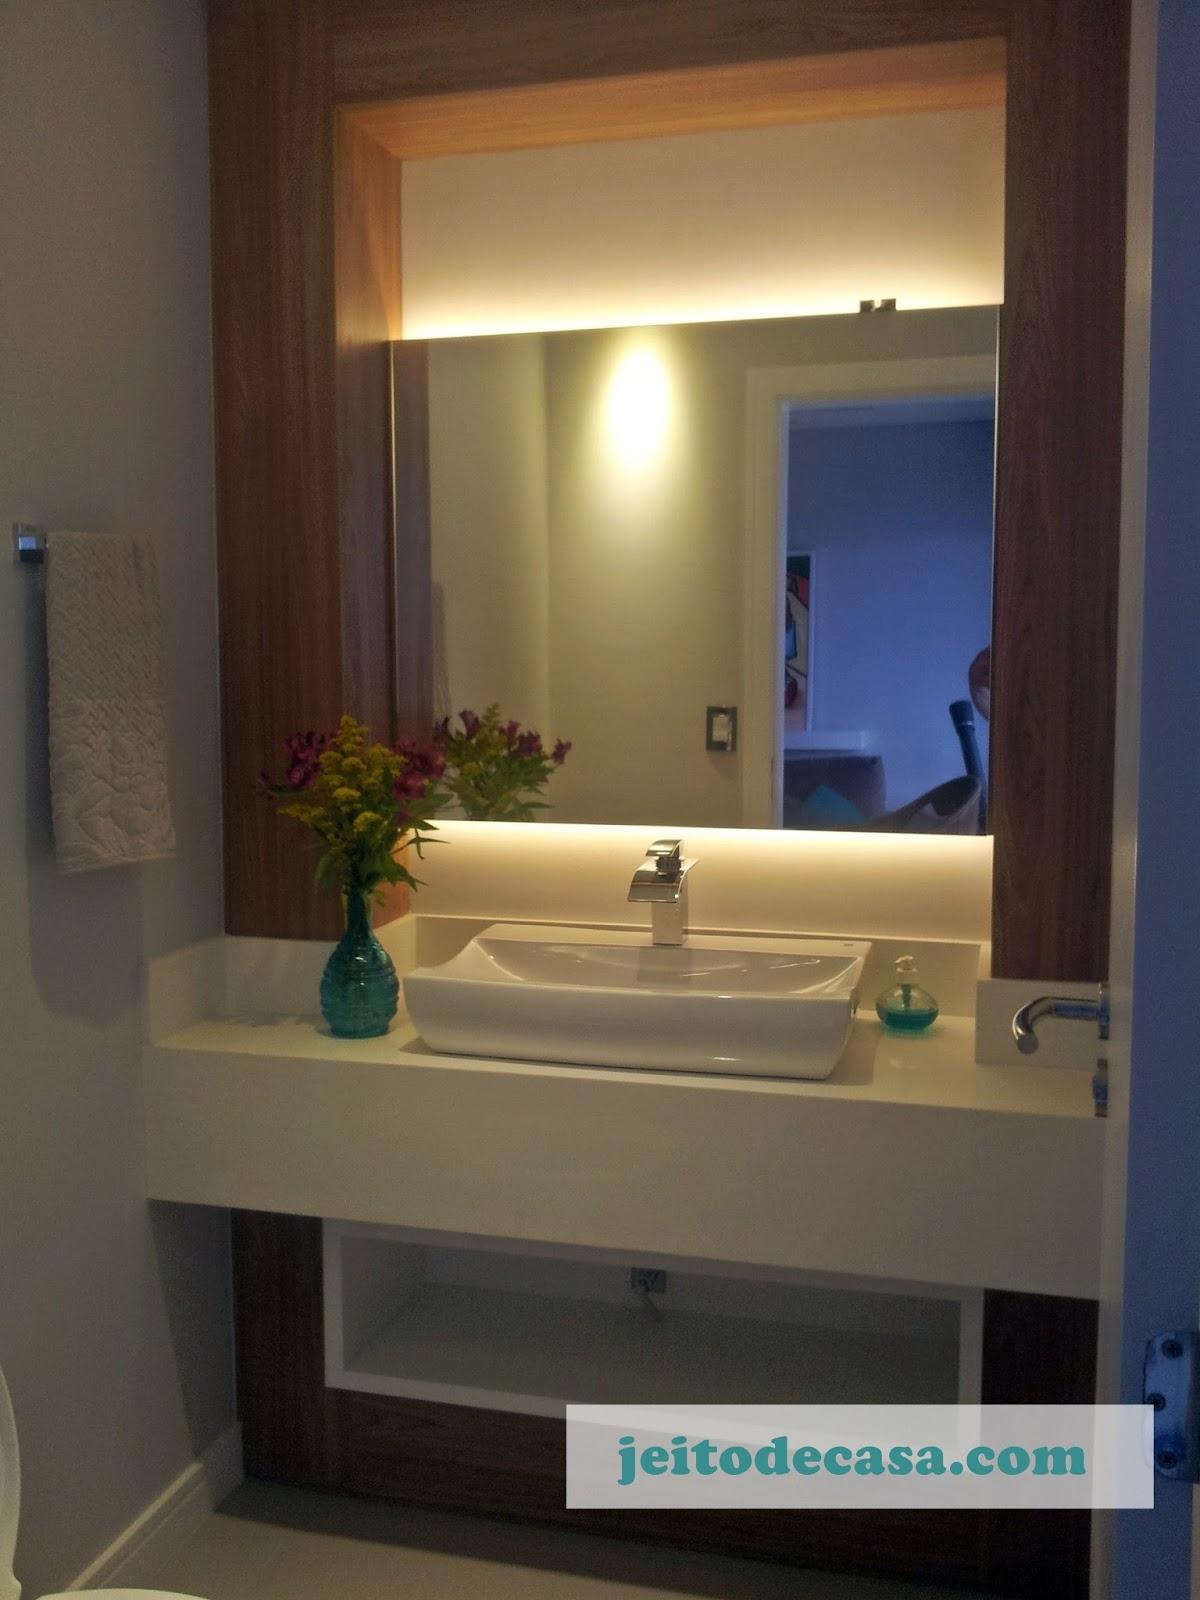 Meu lavabo jeito de casa blog de decora o e for Fotos lavabos